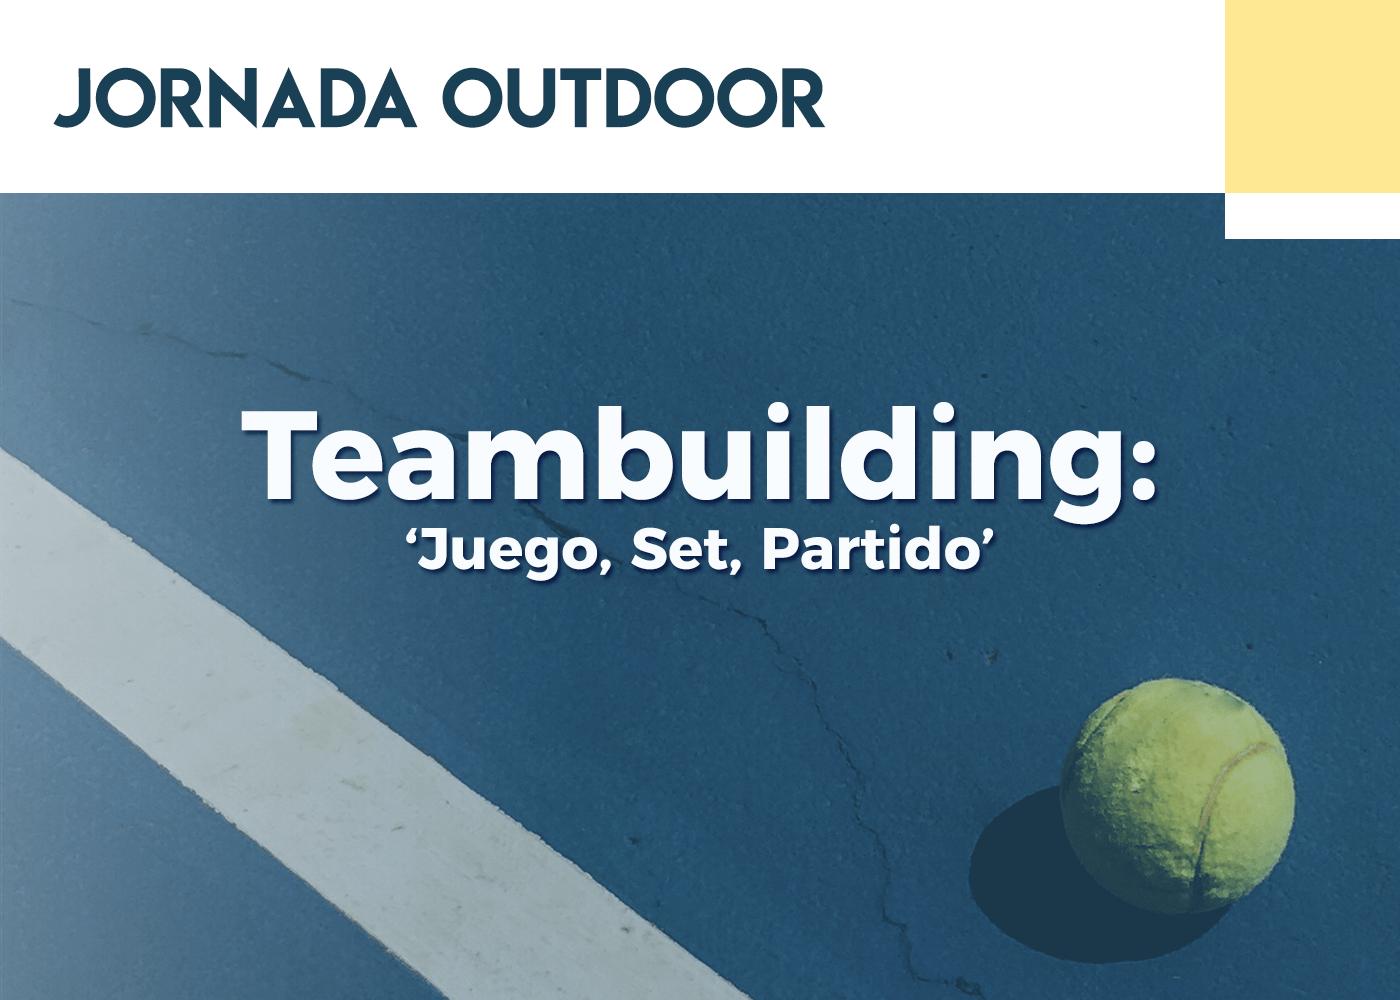 jornada outdoor tenis 2019